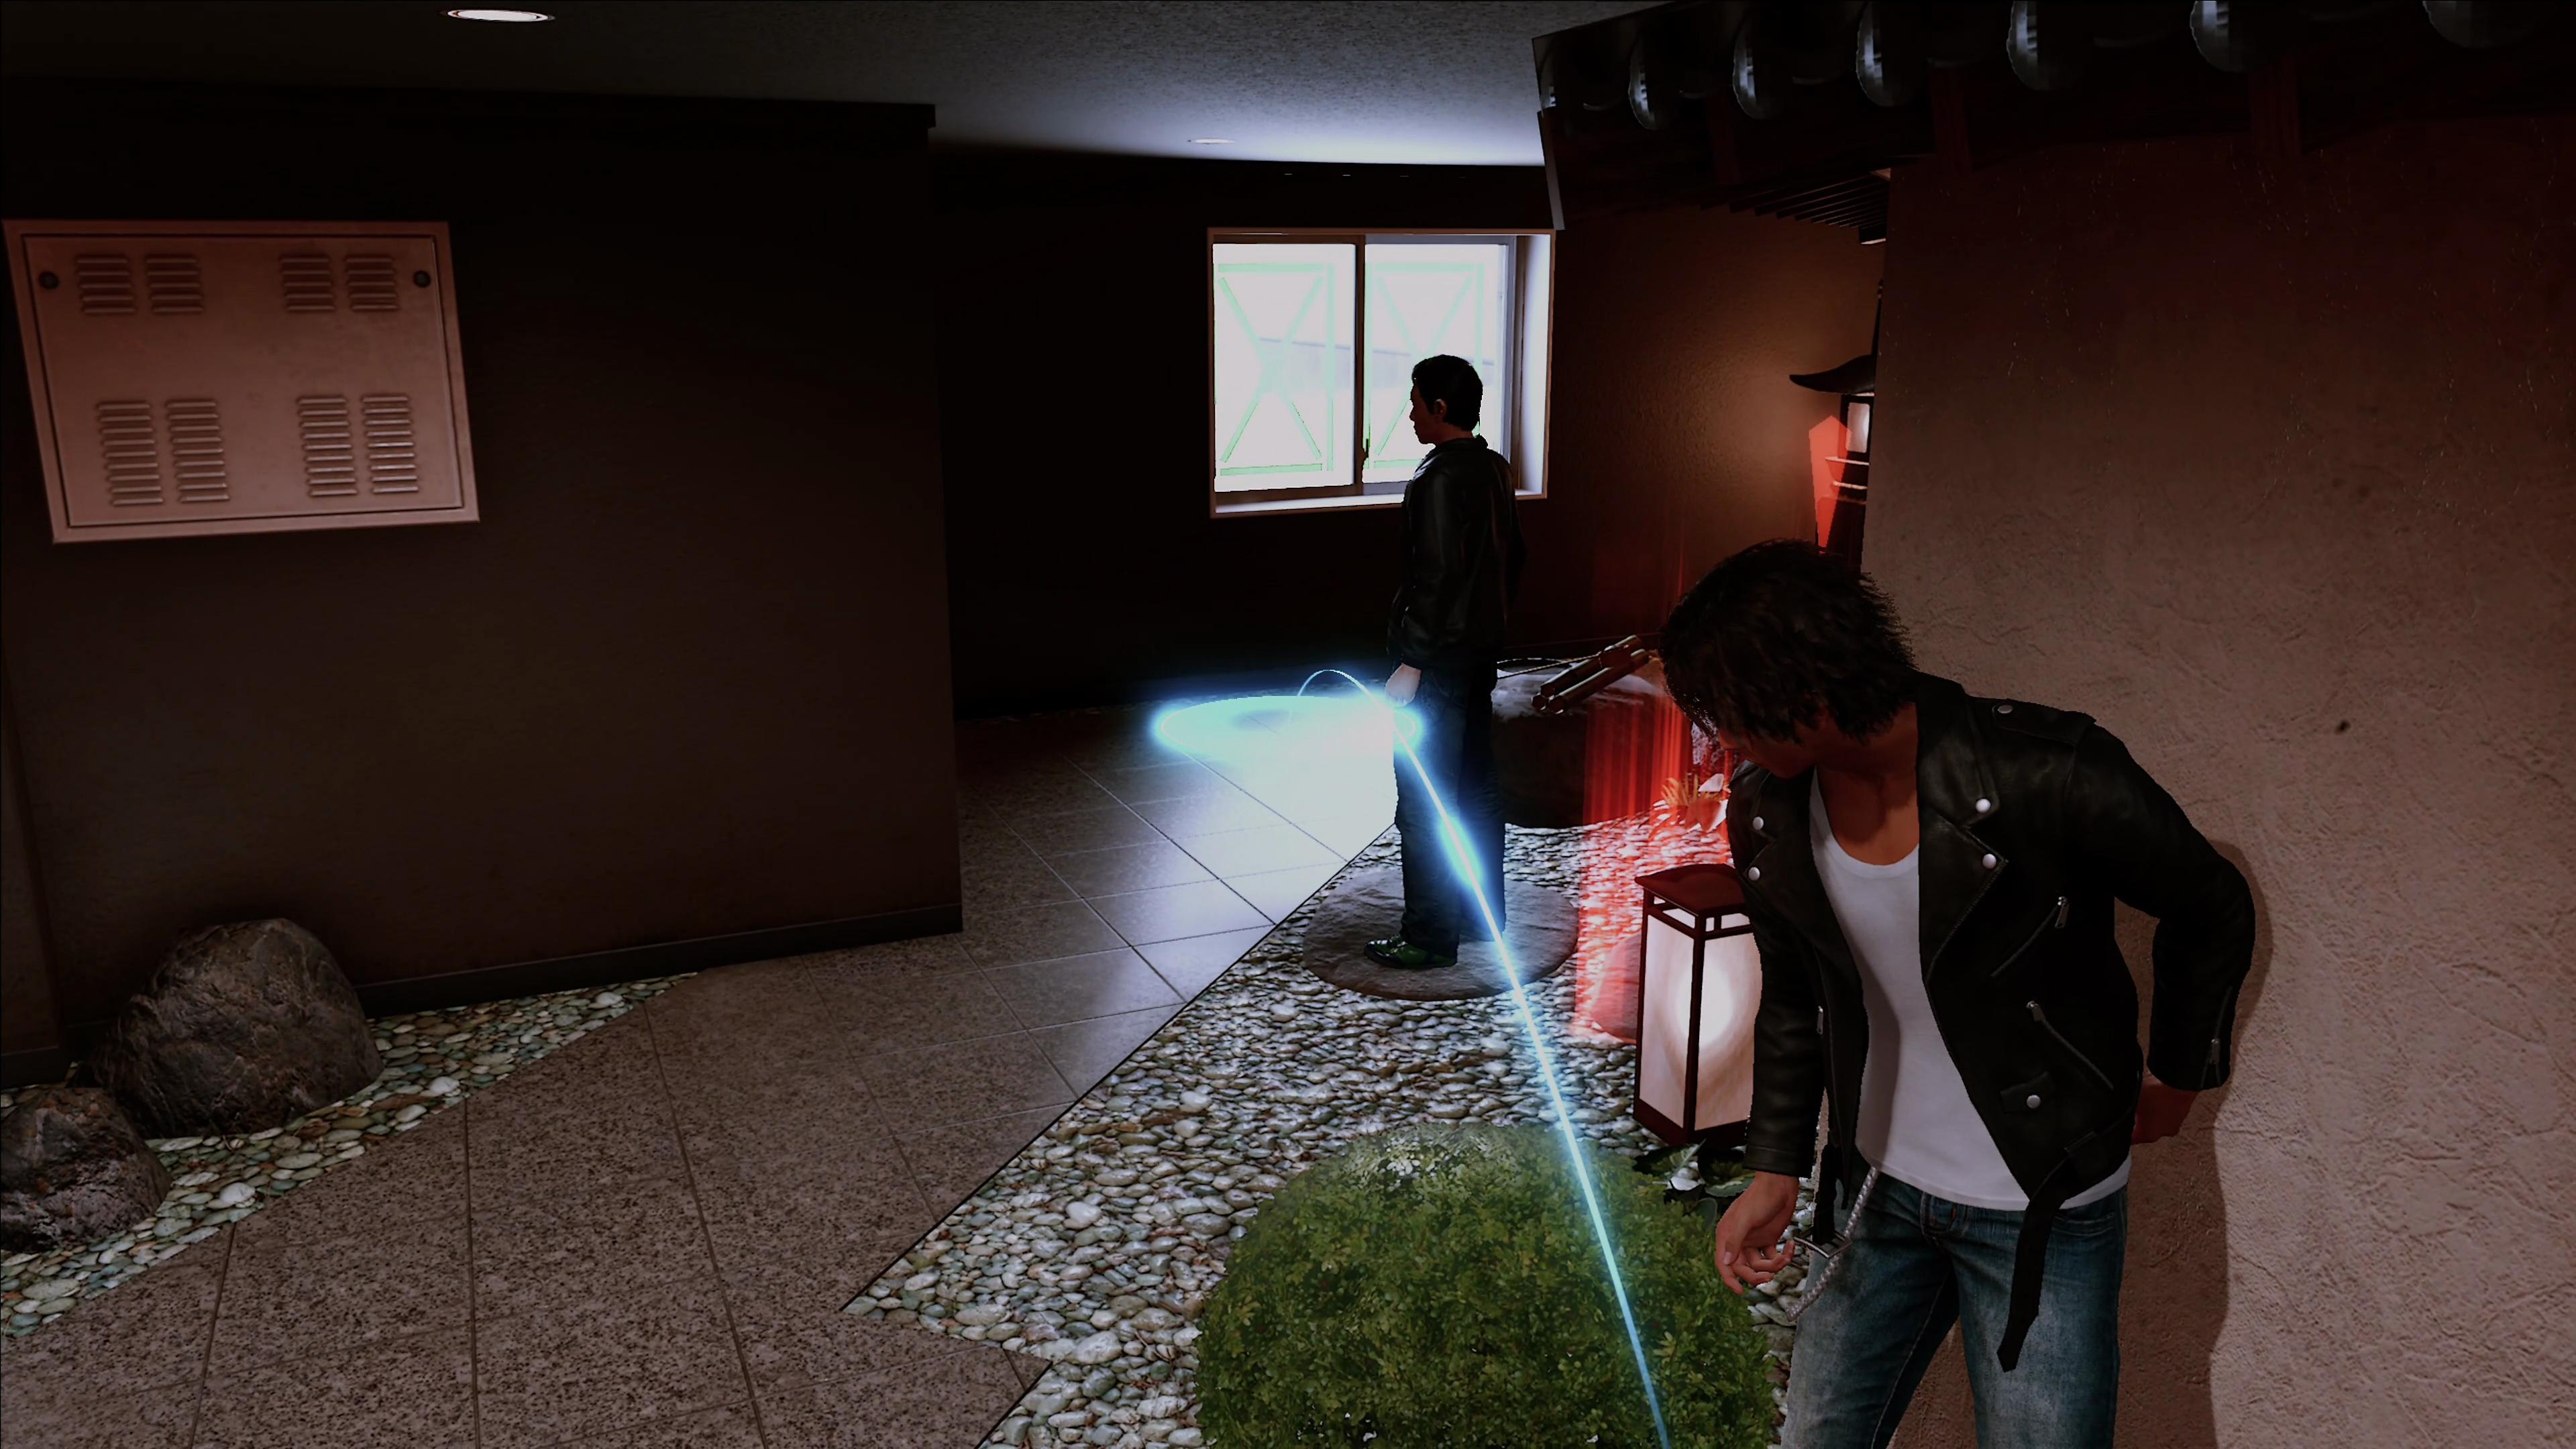 Lost Judgment - Law and Disorder Screenshot hoofdkenmerken op onderzoek uit